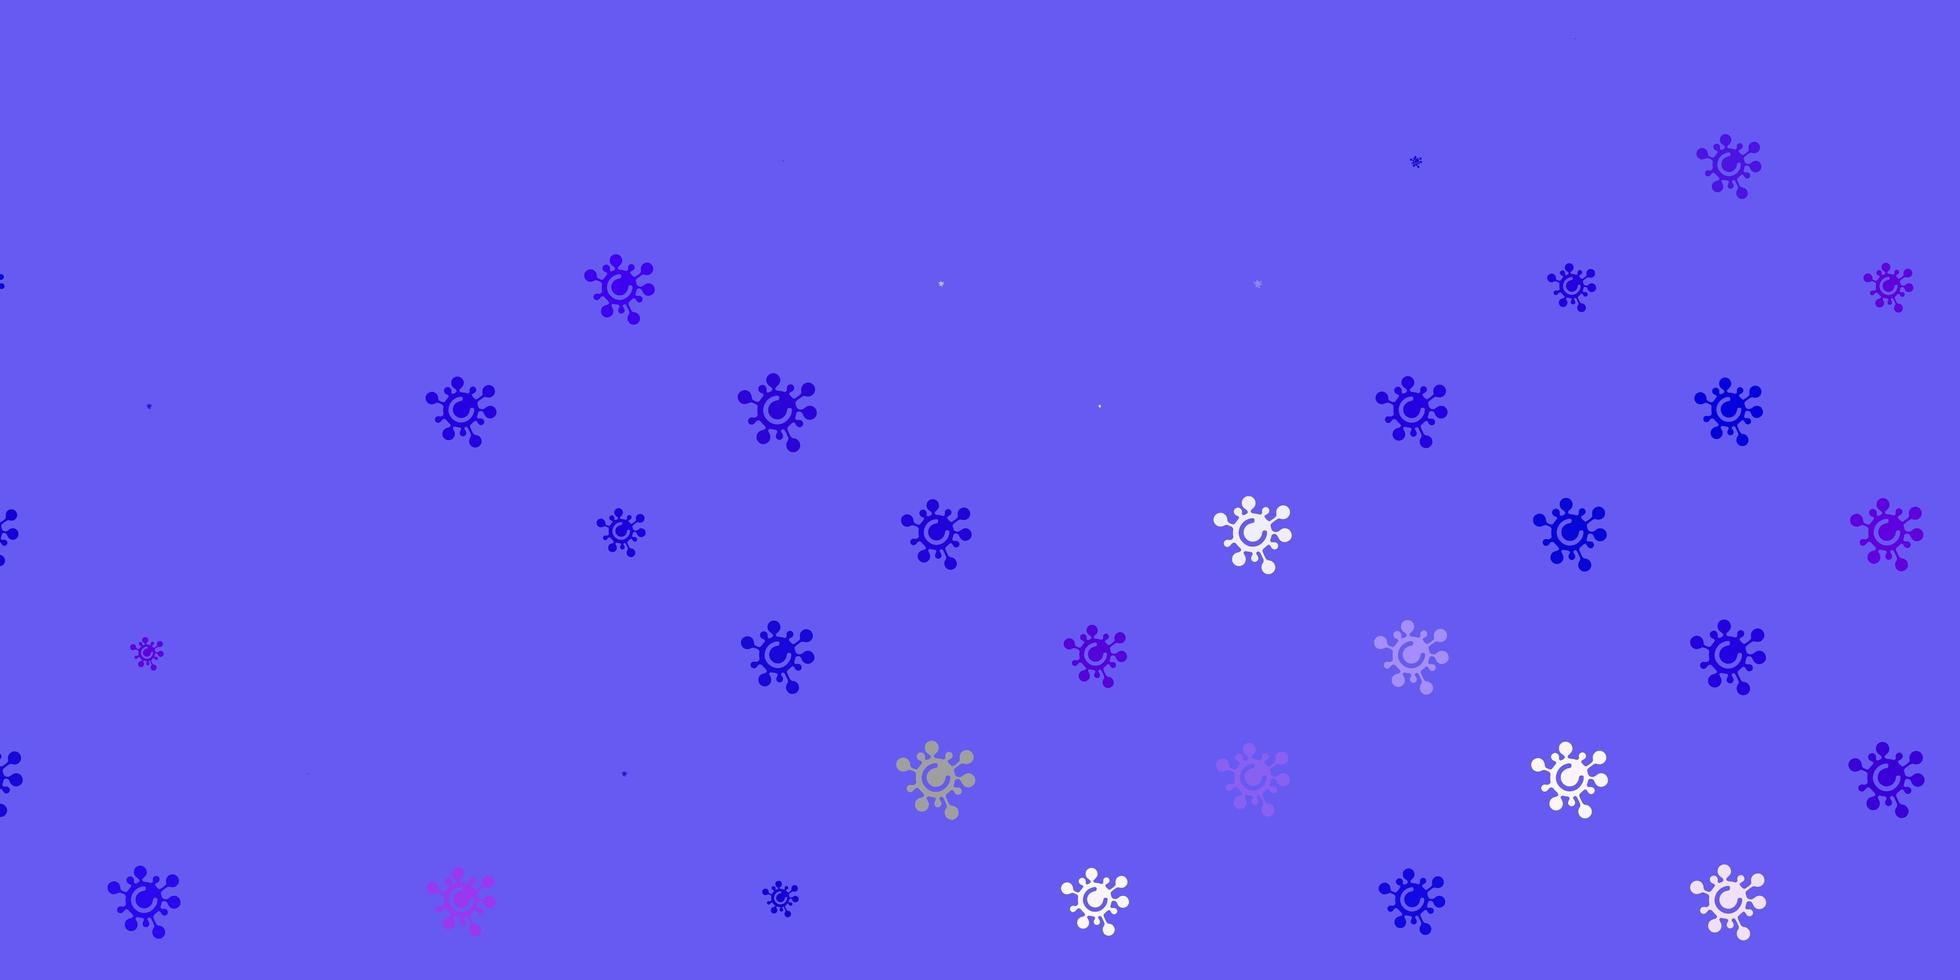 blaue, rote Schablone mit Grippezeichen. vektor